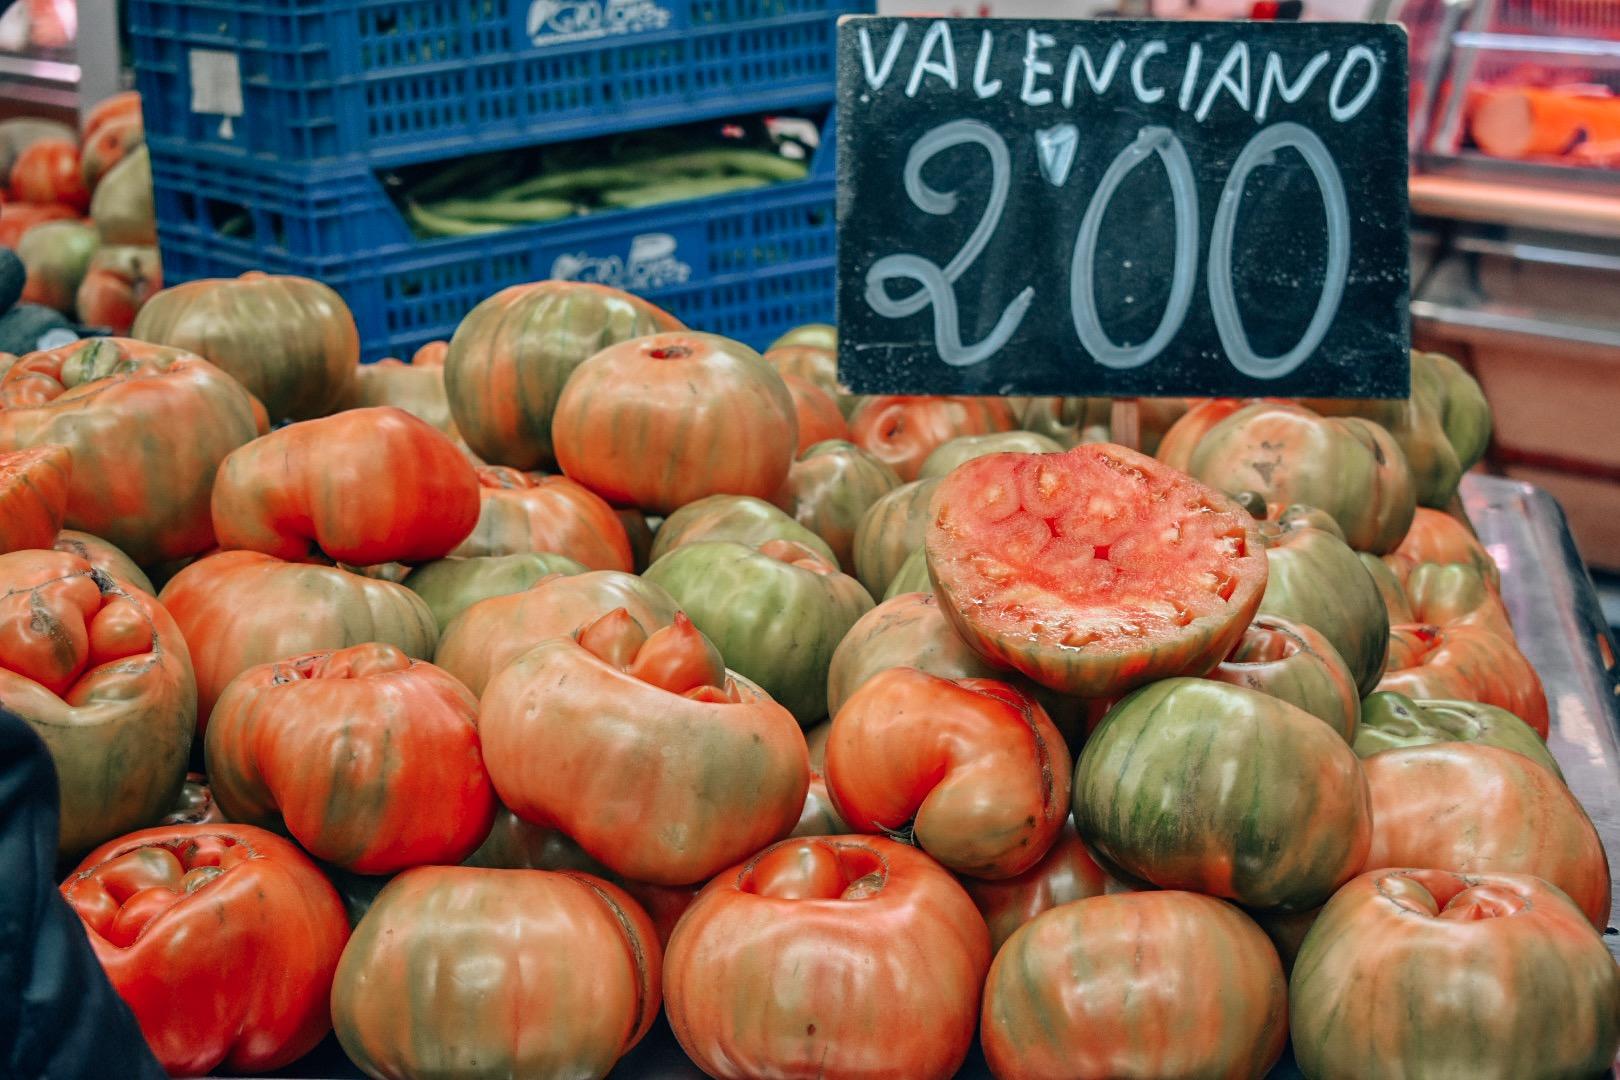 Valencia-Food-Tour-Valenciano-Tomatoes.jpg